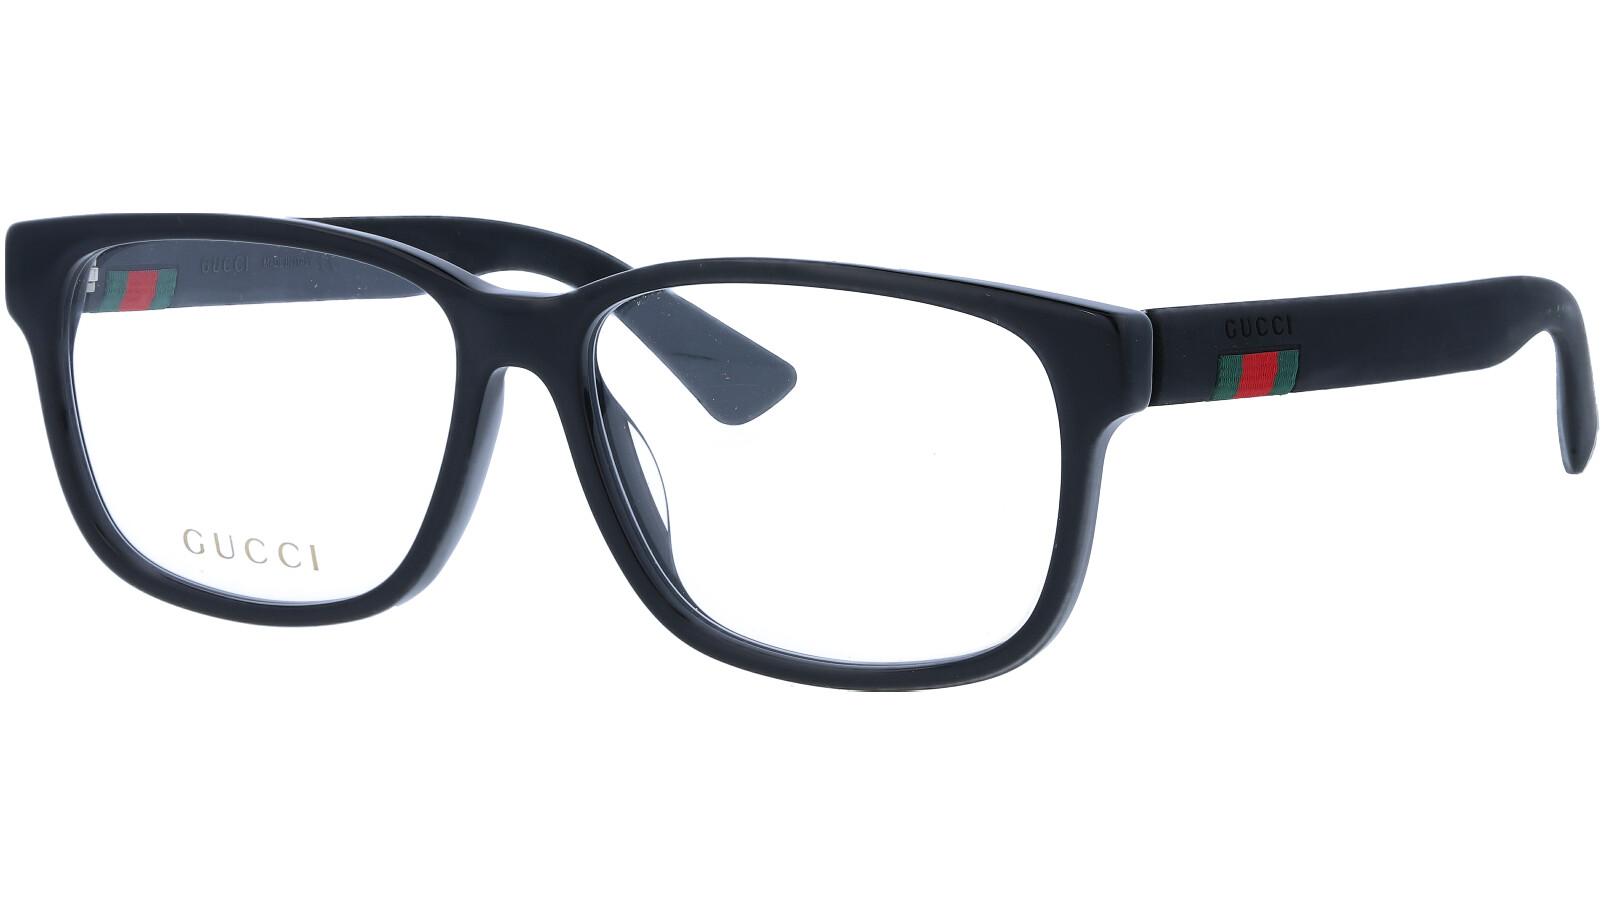 GUCCI GG0011OA 001 56 BLACK Glasses